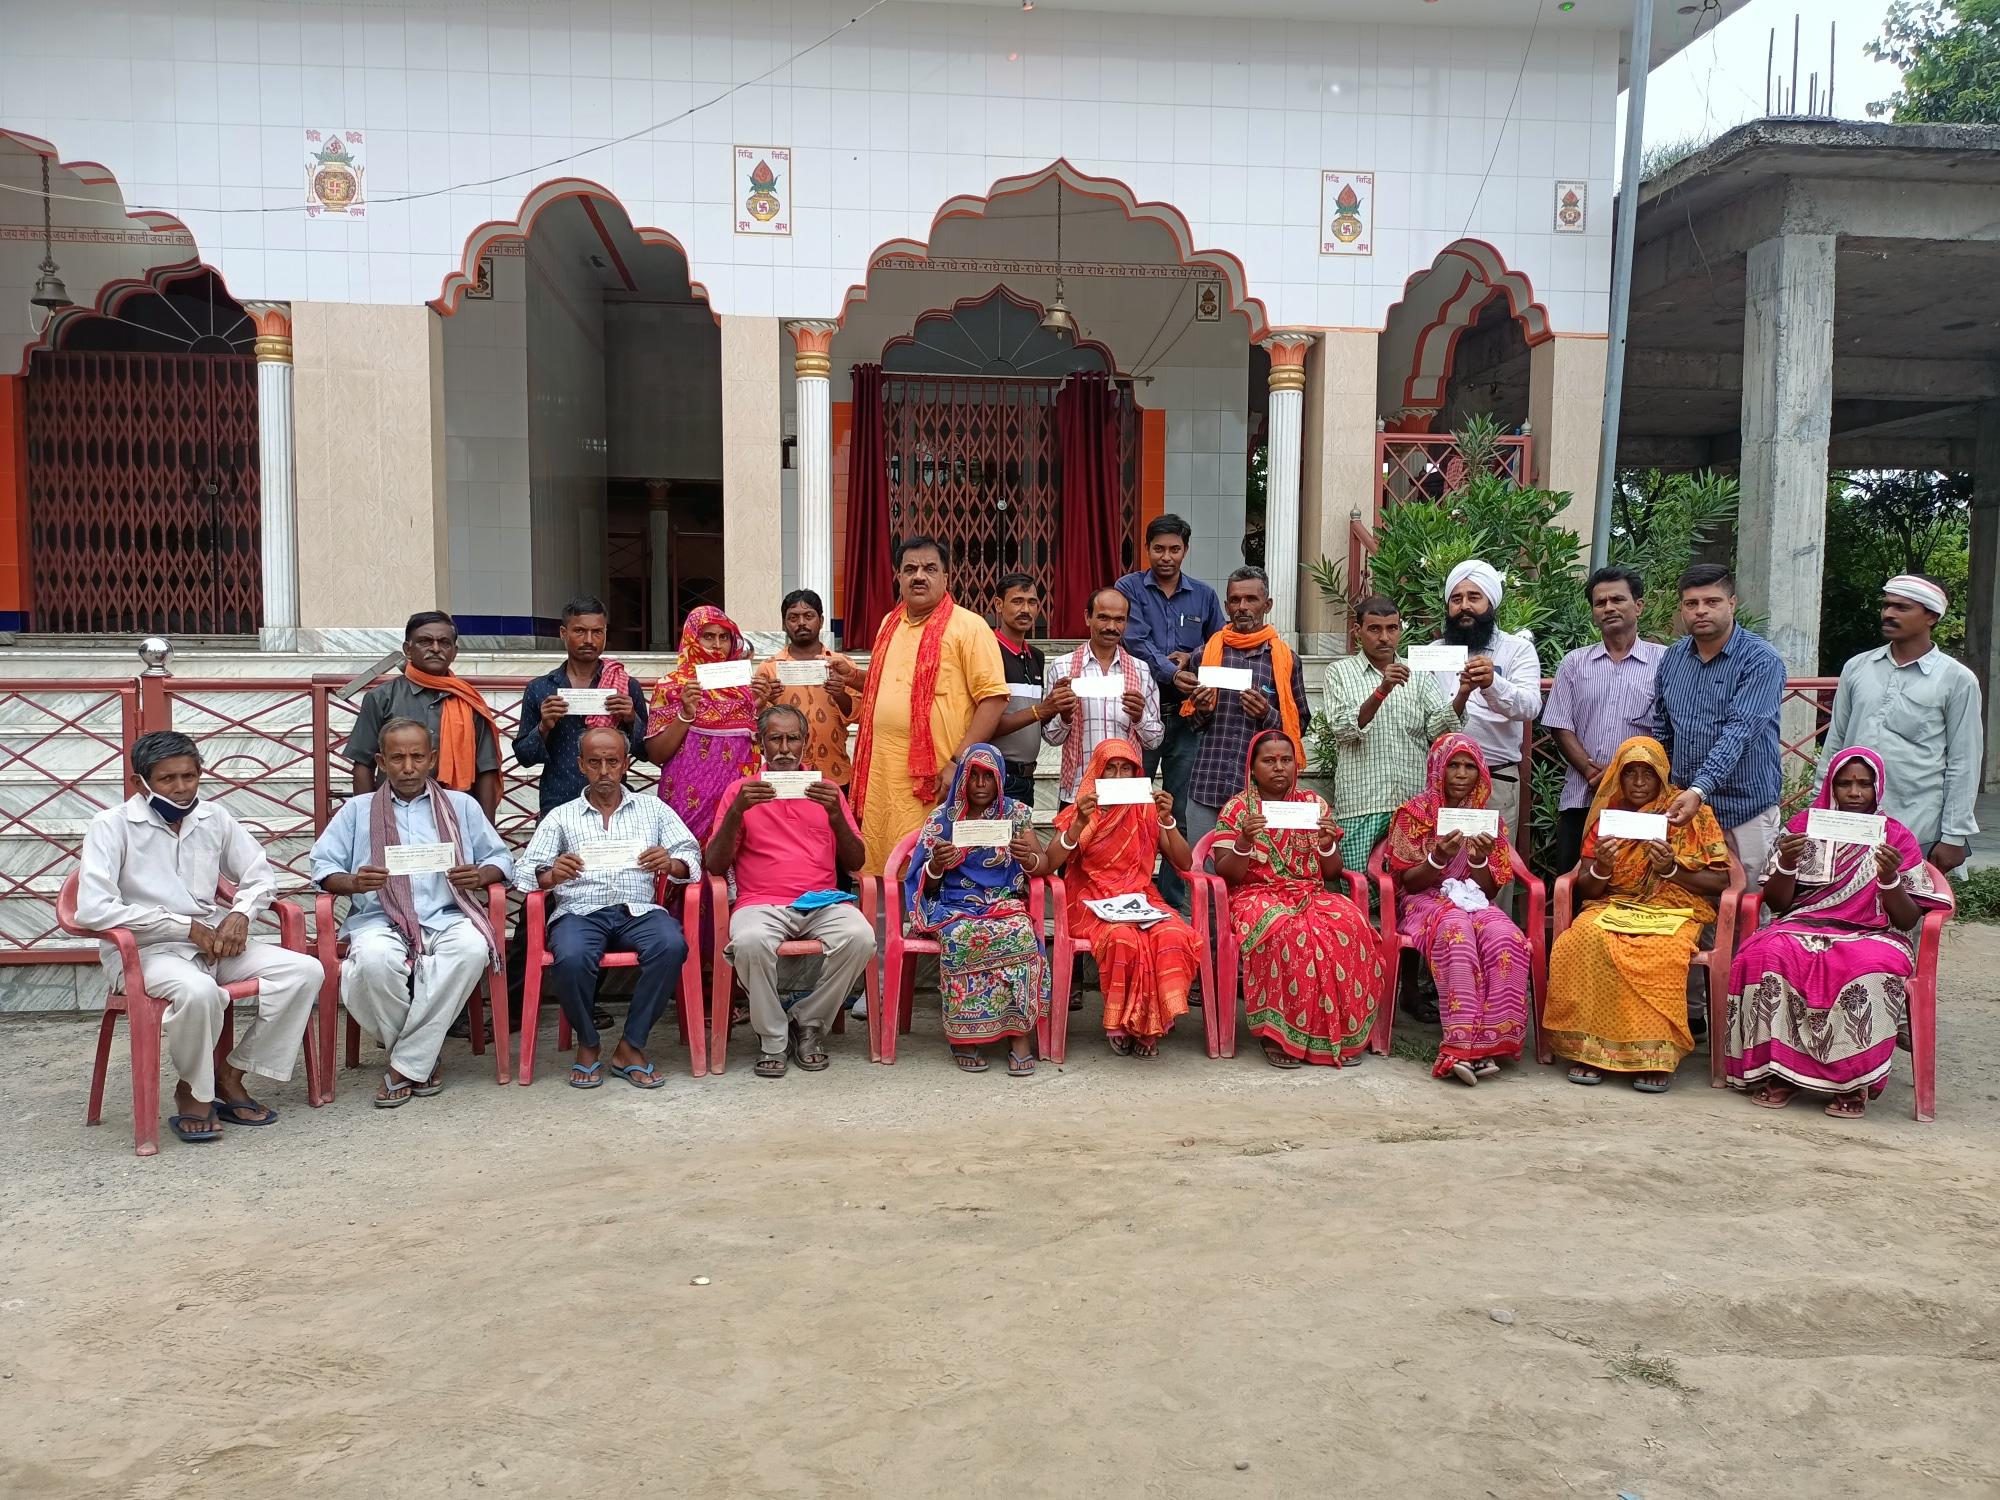 सुंदरपुर में 25 निर्धन परिवारों को मुख्यमंत्री राहत कोष से आर्थिक सहायता के चेकों का वितरण